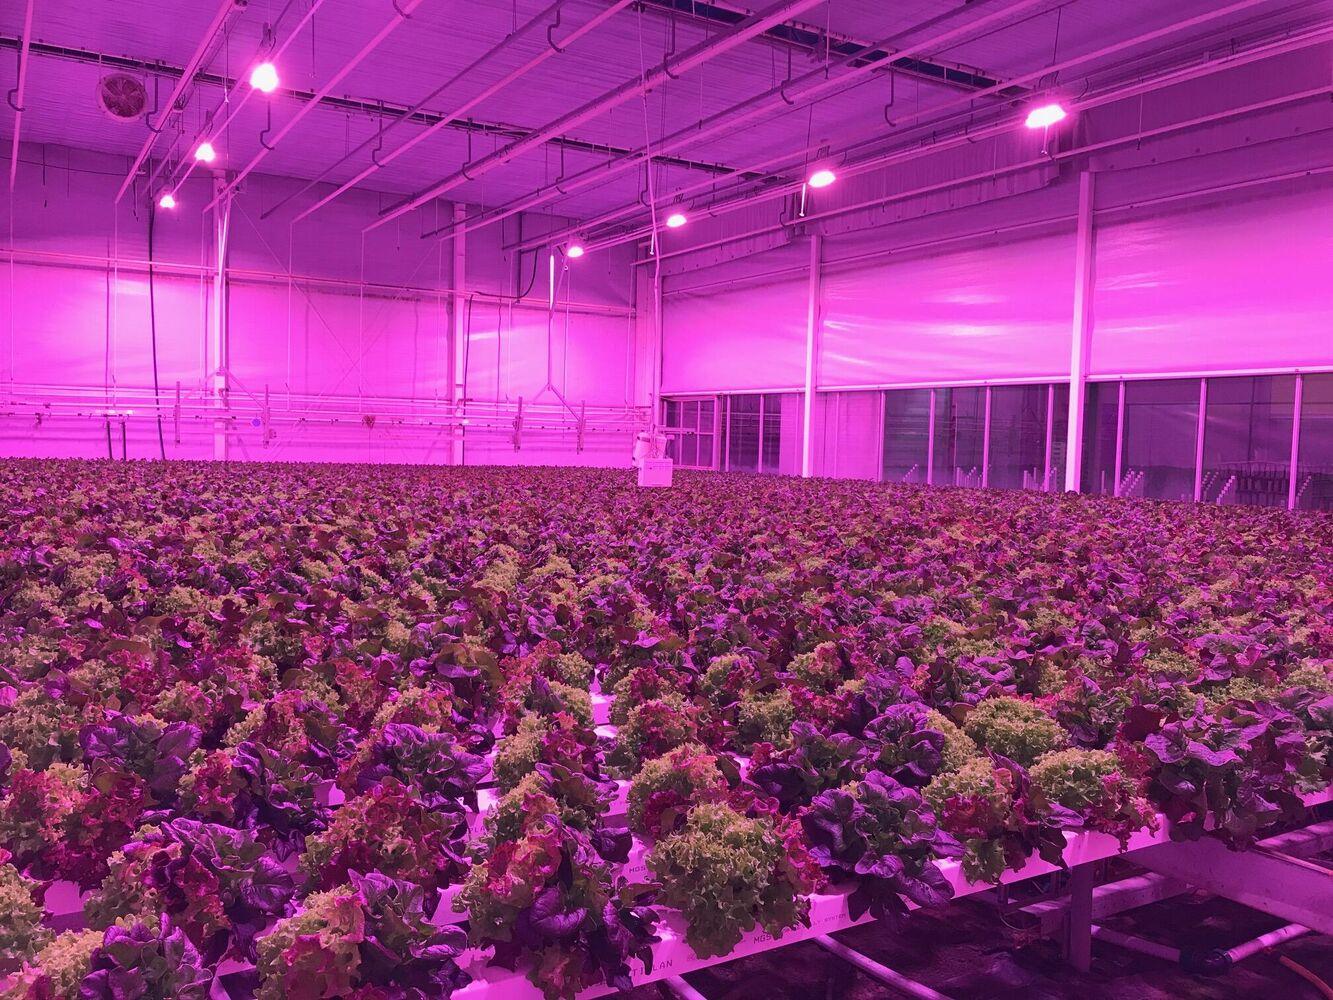 Oreon installeert LED verlichting bij PSKW voor innovatieproject 'Benutting van laagwaardige warmte'